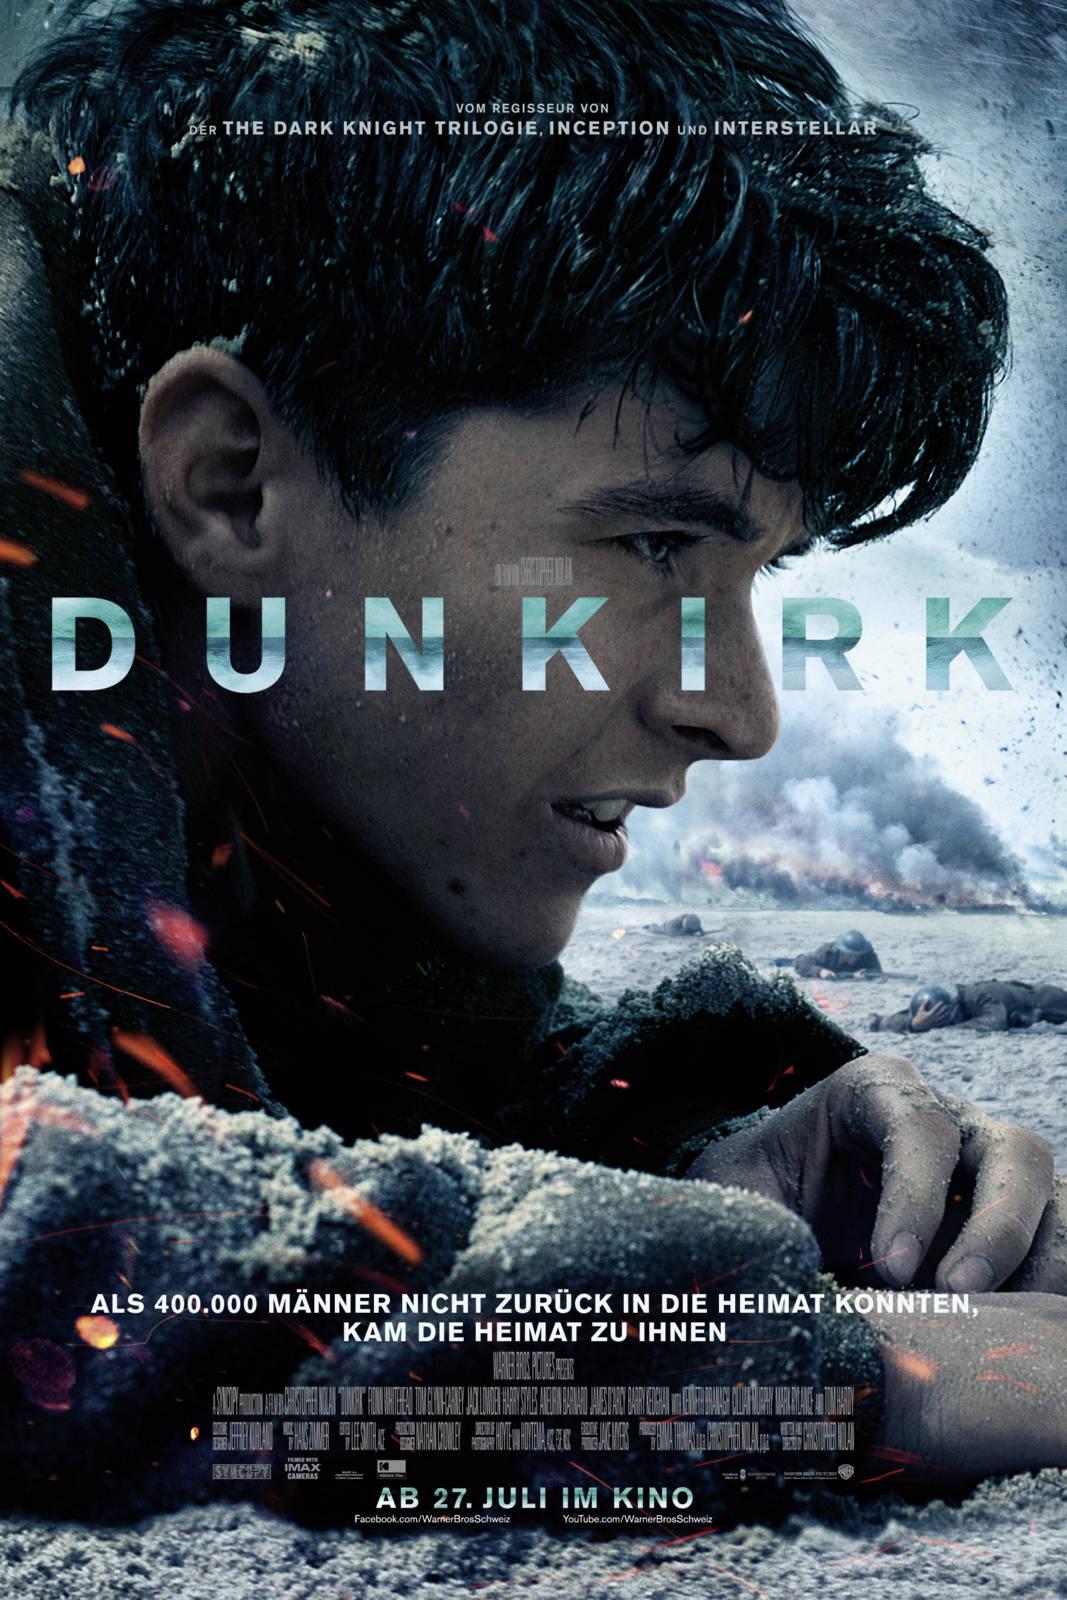 Dunkirk Kinostart